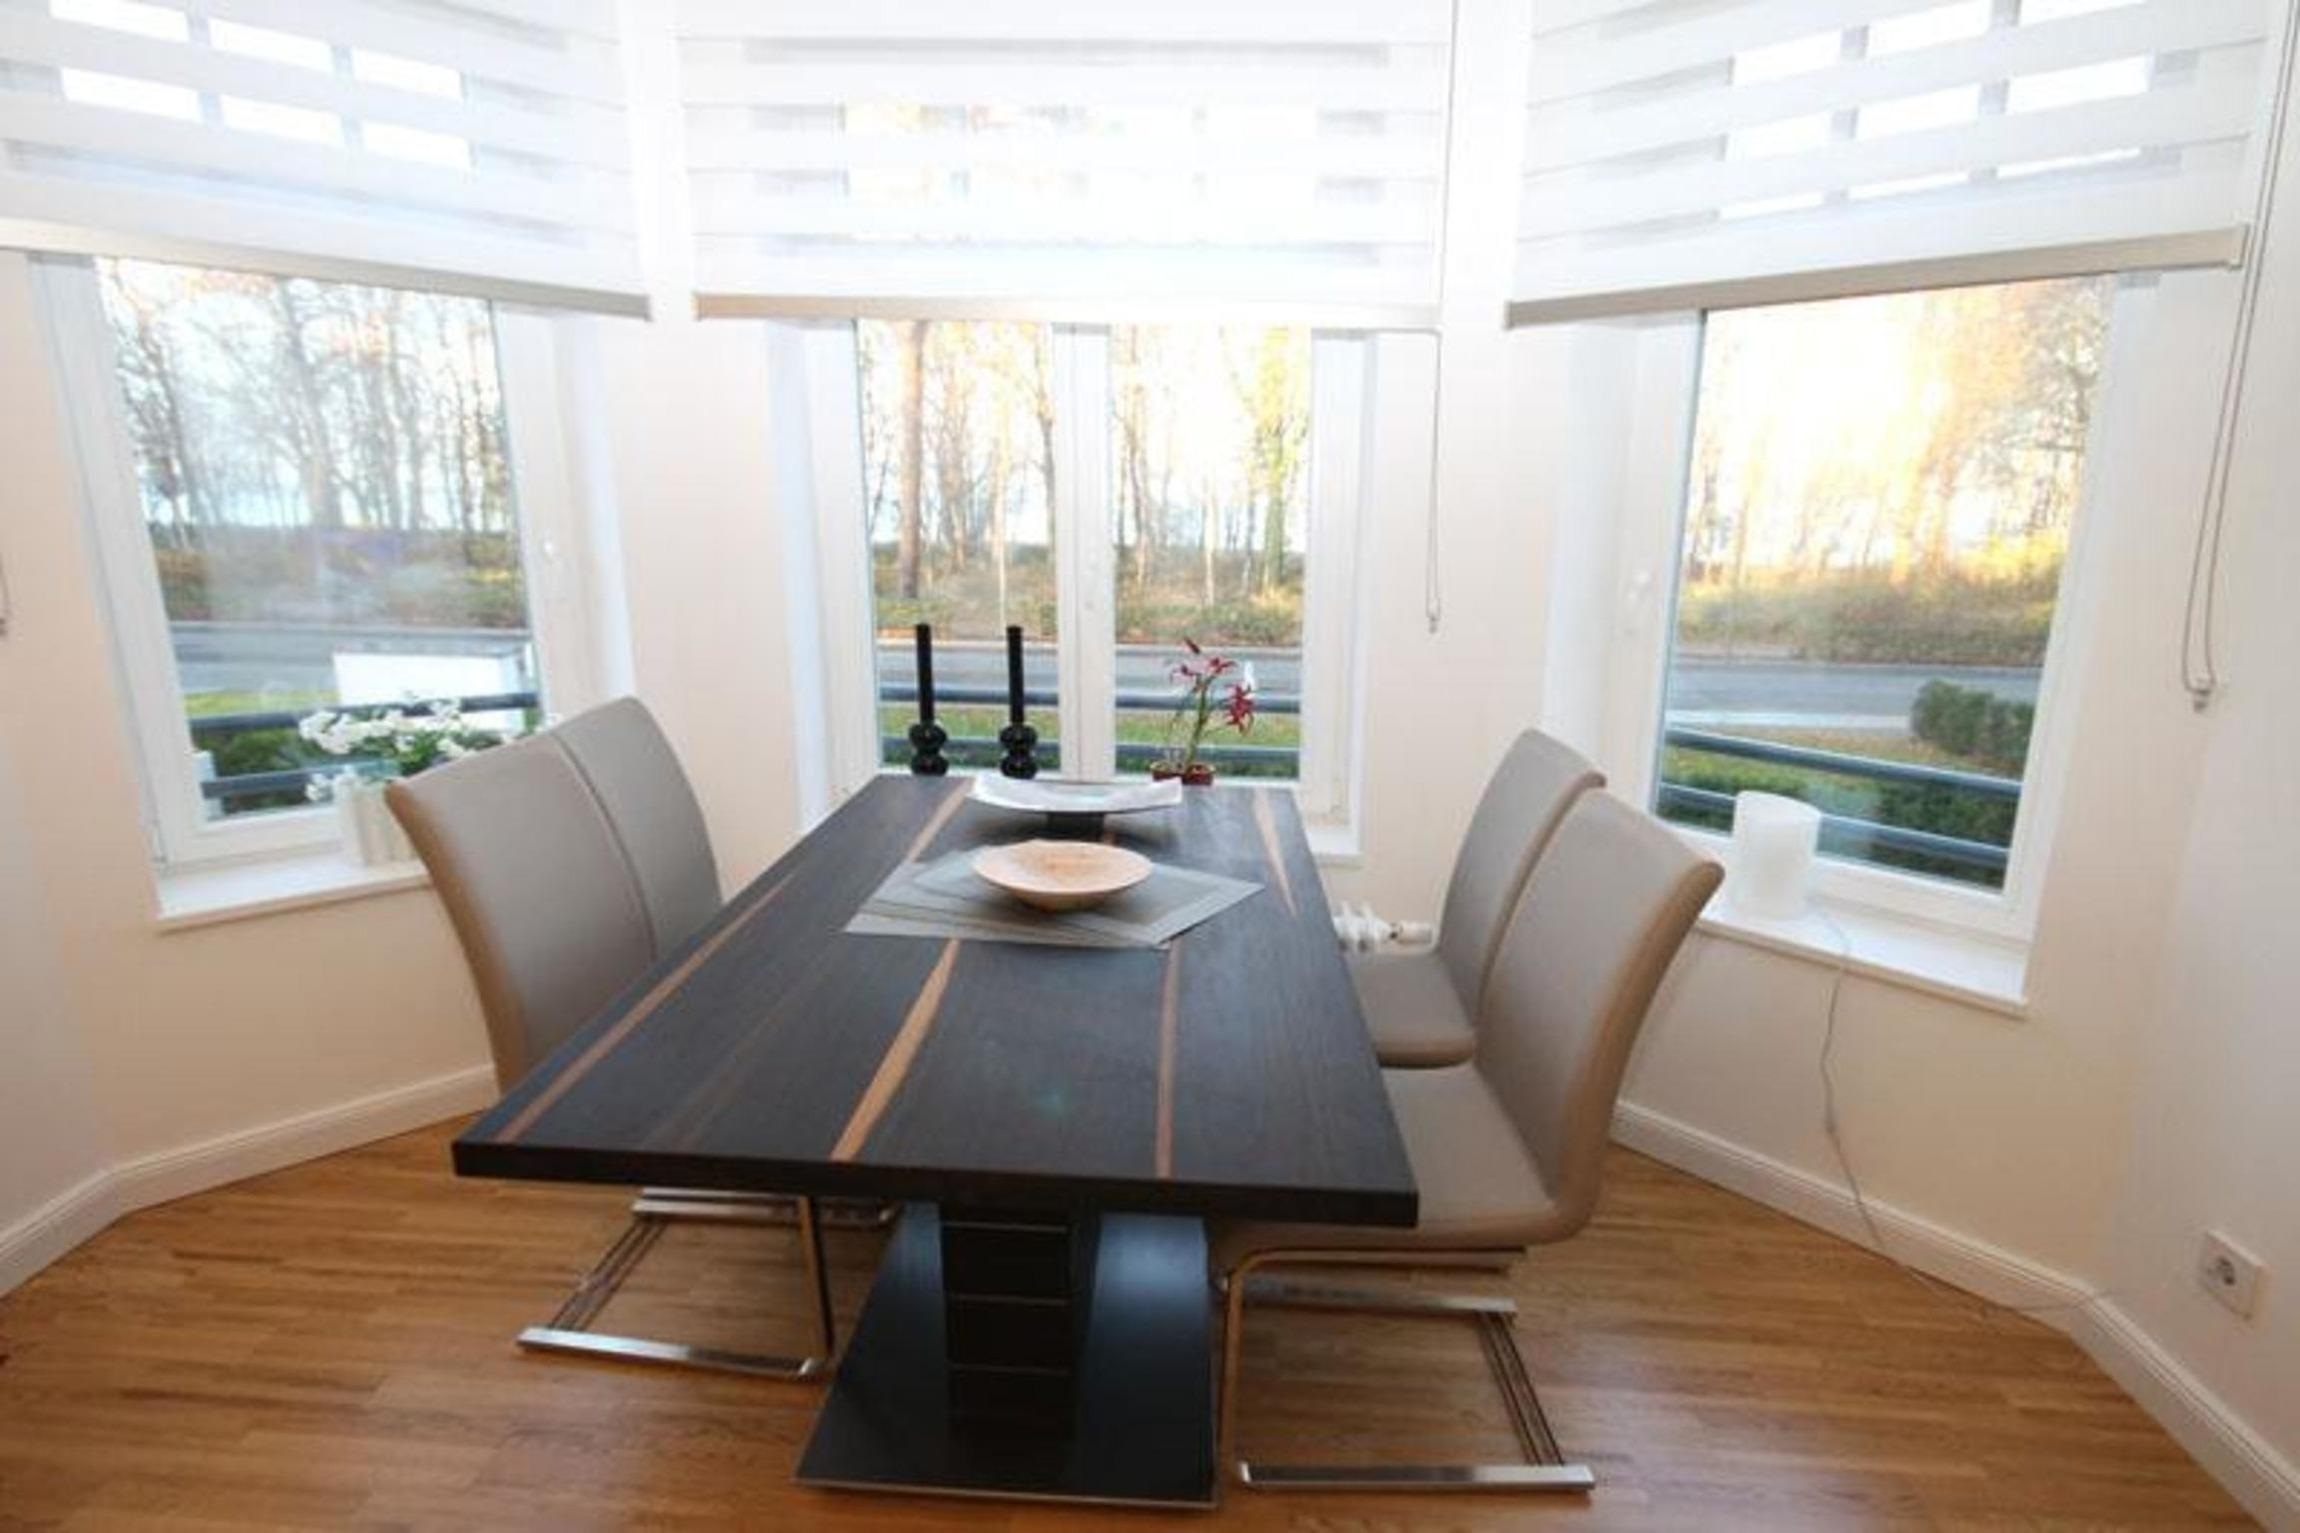 Villa Löwenstein - Wohnung 7 / 9819 Bungalow an der Ostsee